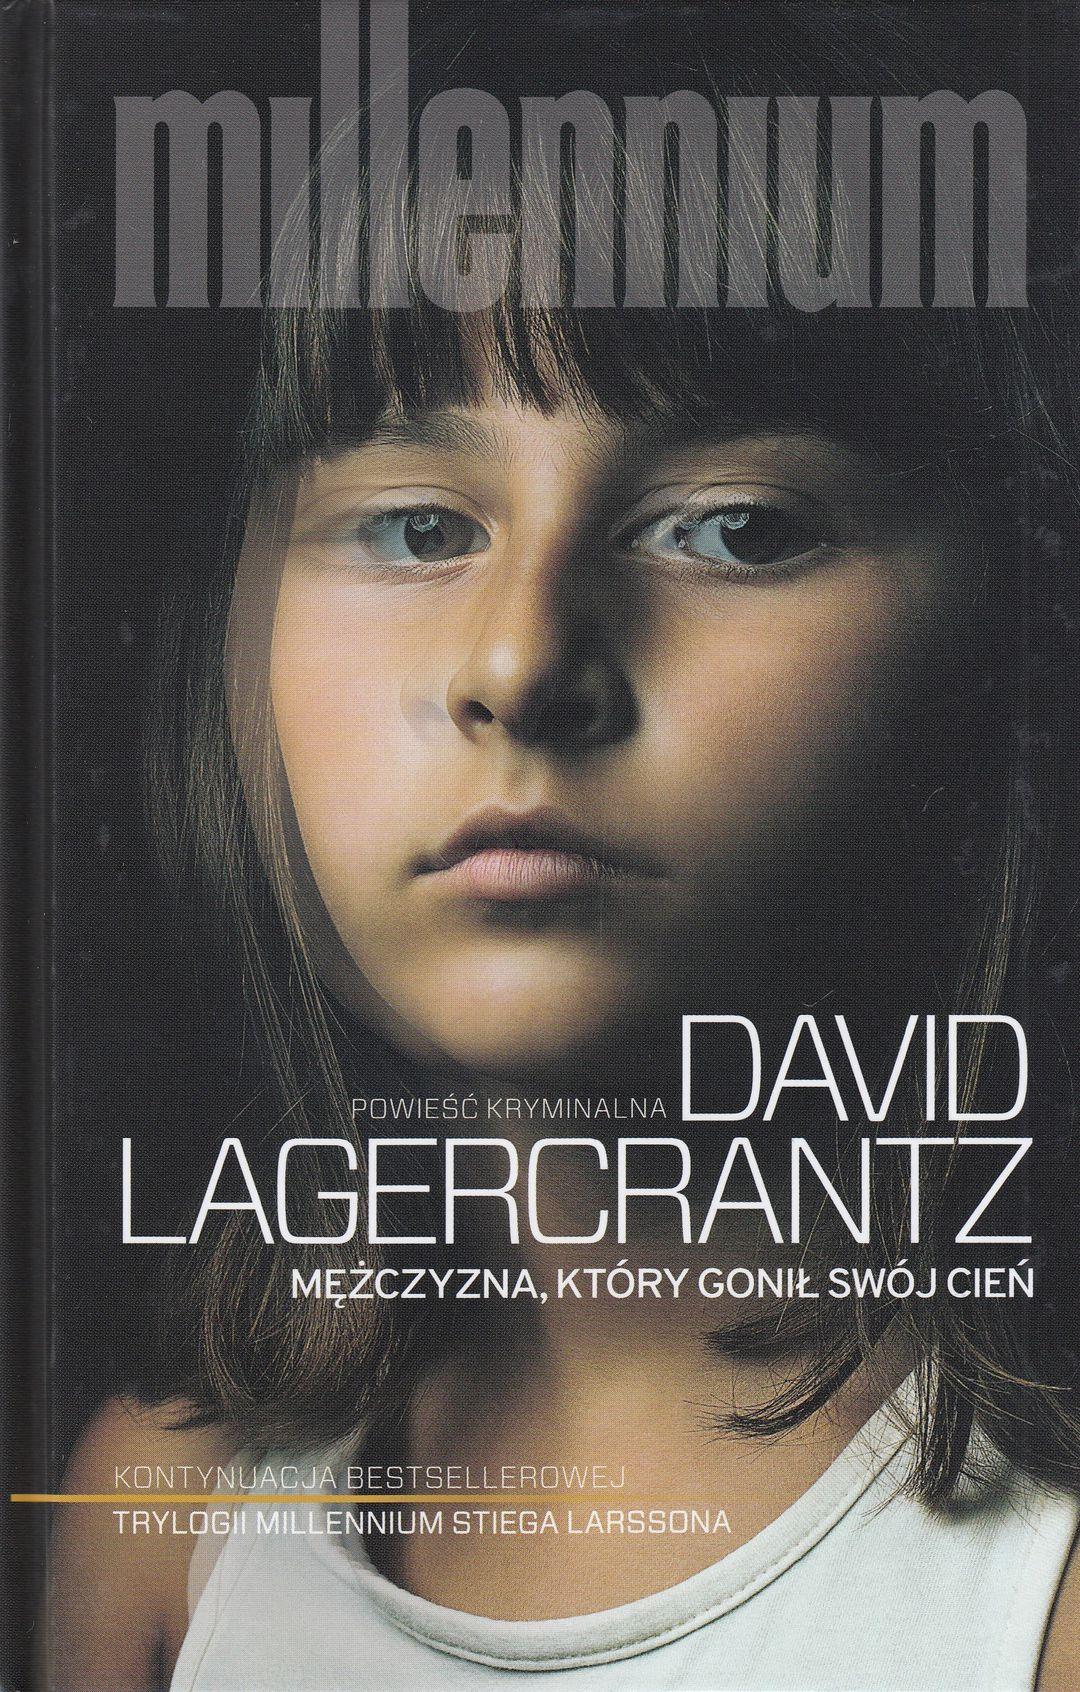 Lagercrantz David – Mężczyzna, Który Gonił Swój Cień